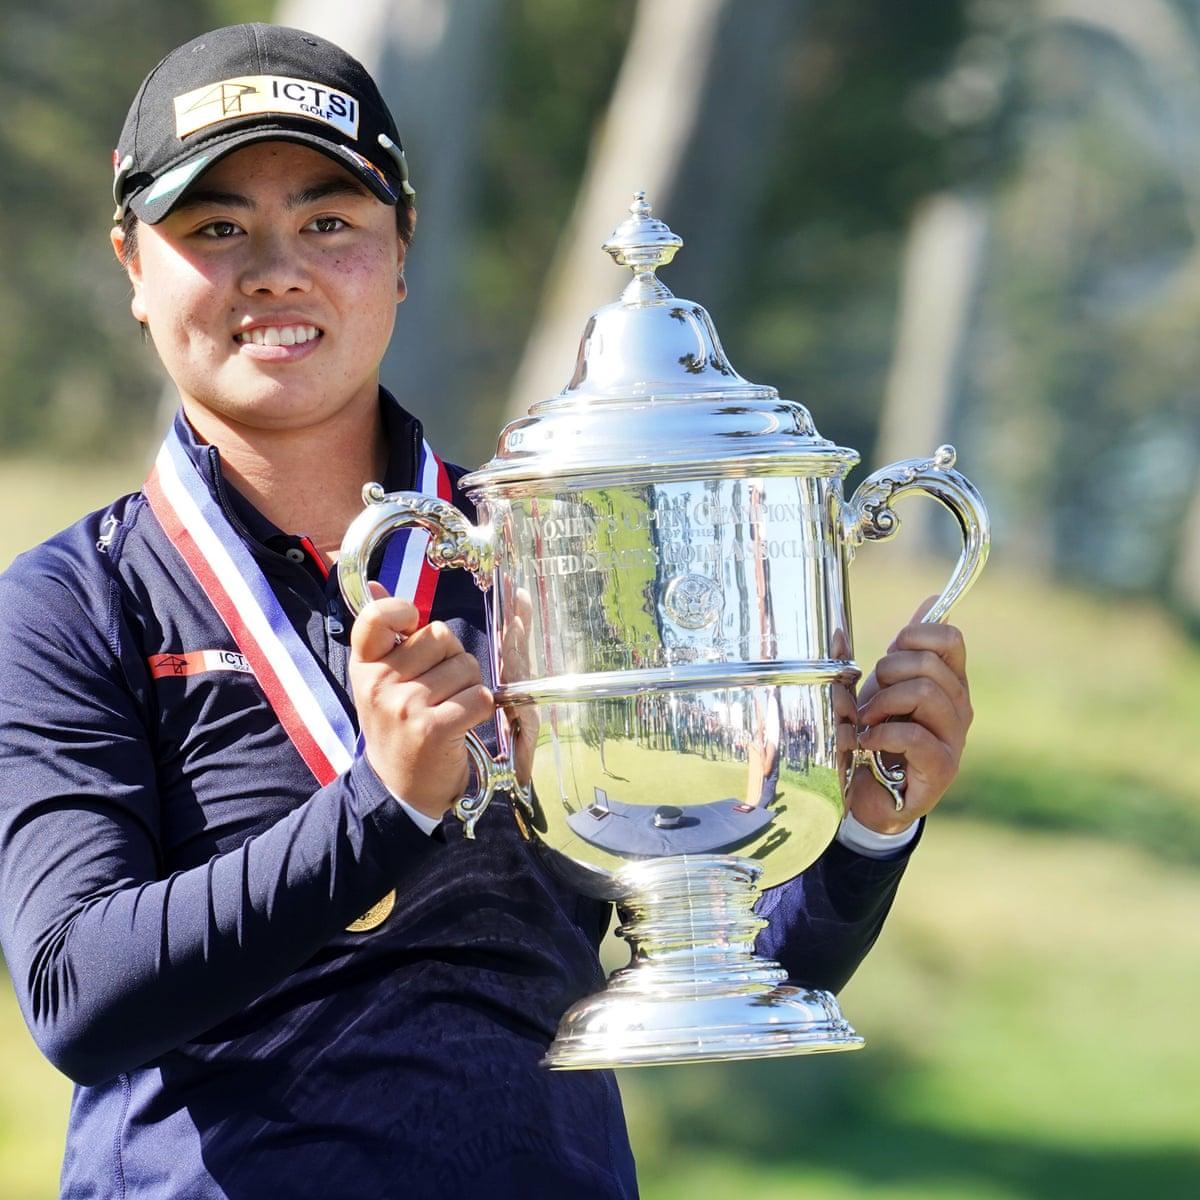 Yuka Saso Wins 2021 Us Women S Open As It Happened Sport The Guardian